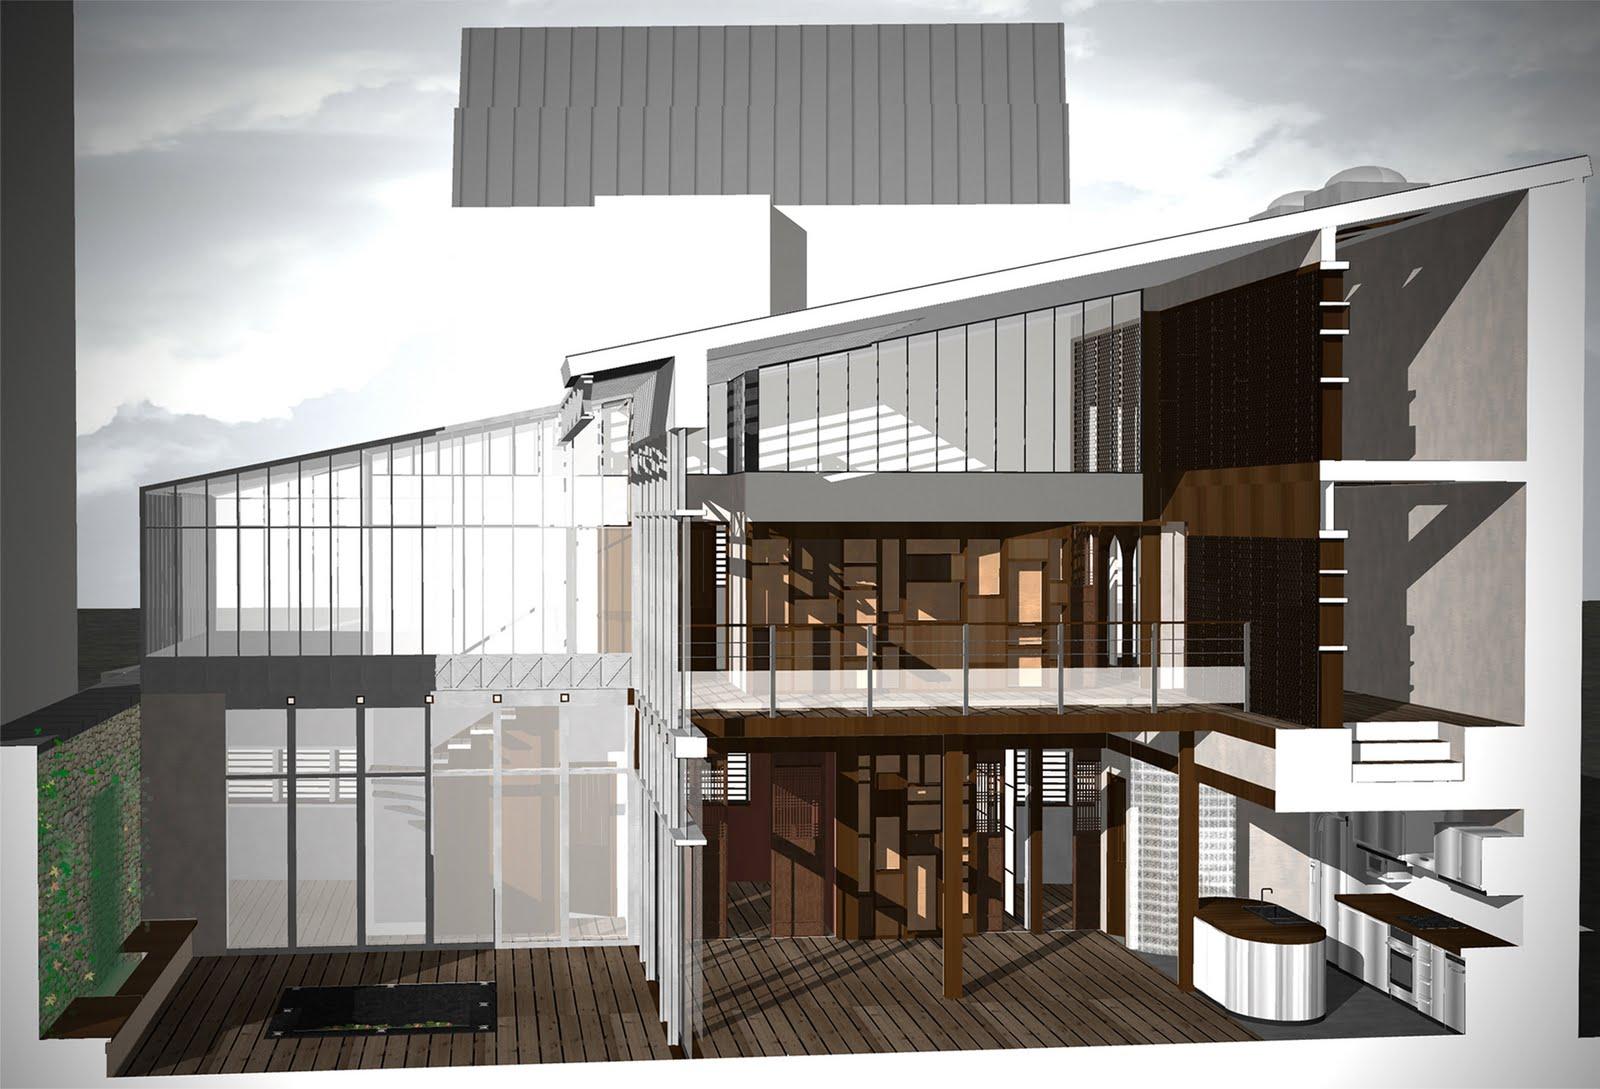 atelier d 39 architecture castellani r novation et restructuration d 39 un h tel particulier avec. Black Bedroom Furniture Sets. Home Design Ideas